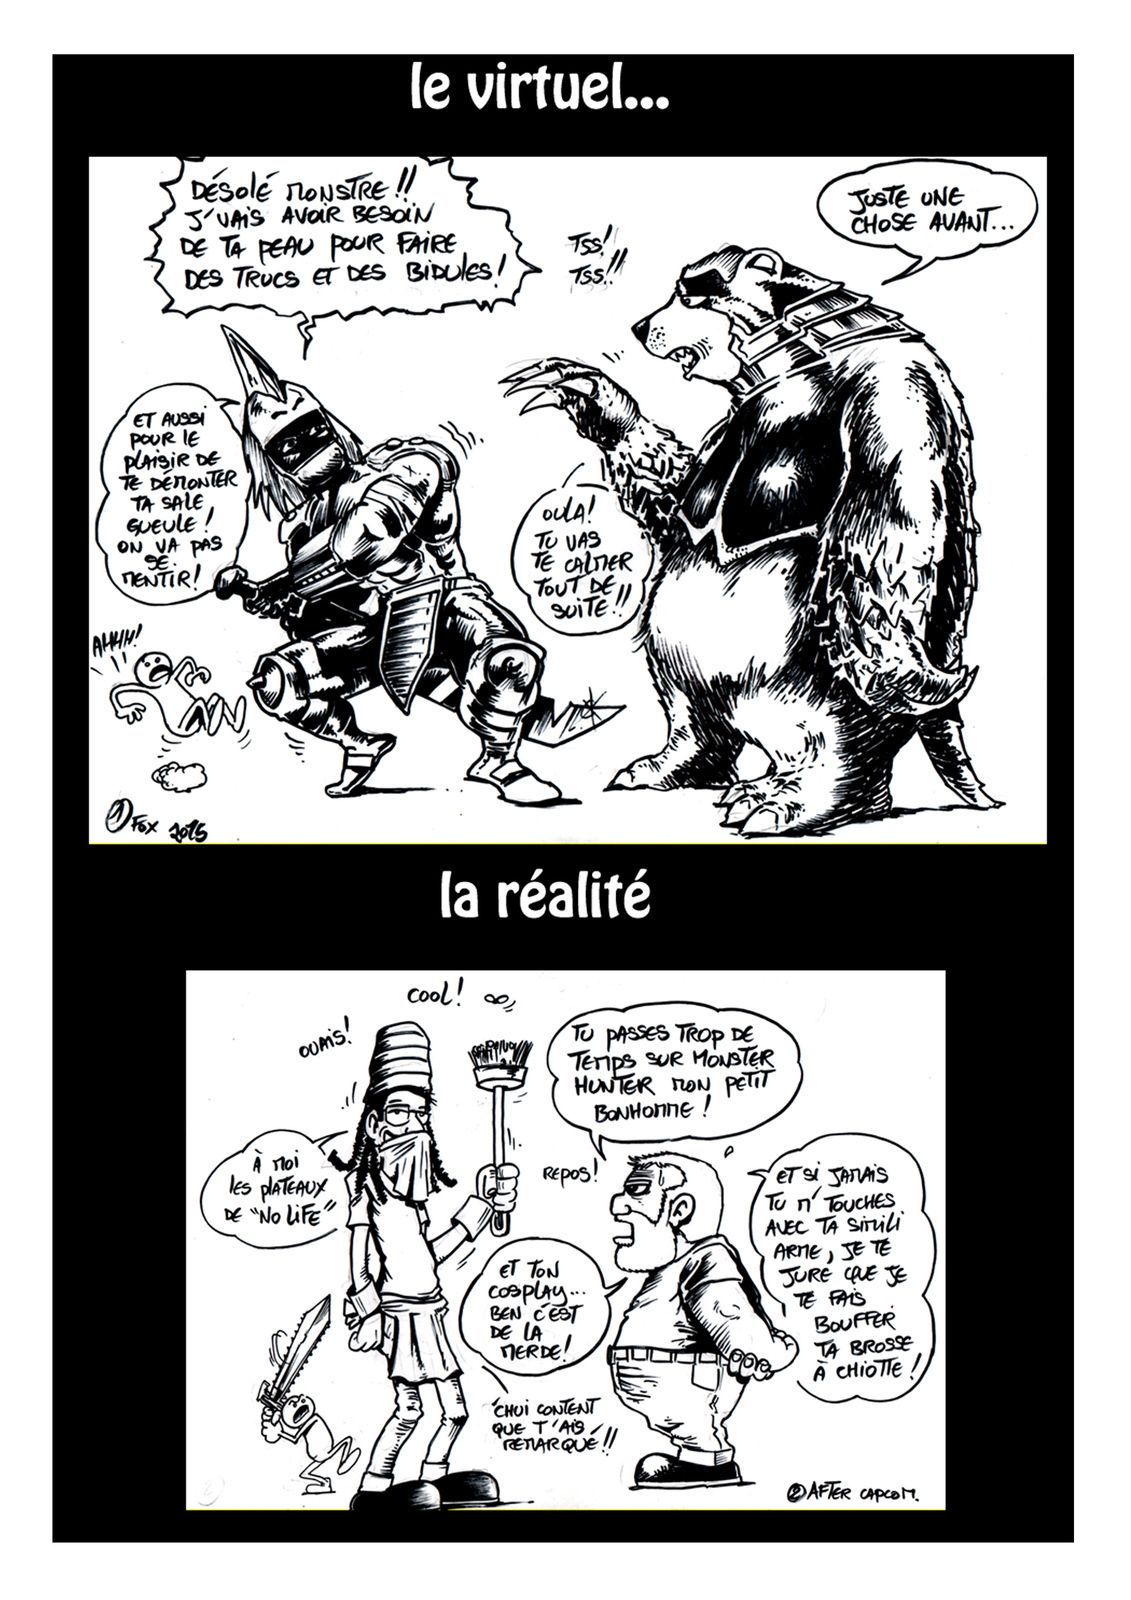 le virtuel...la réalité